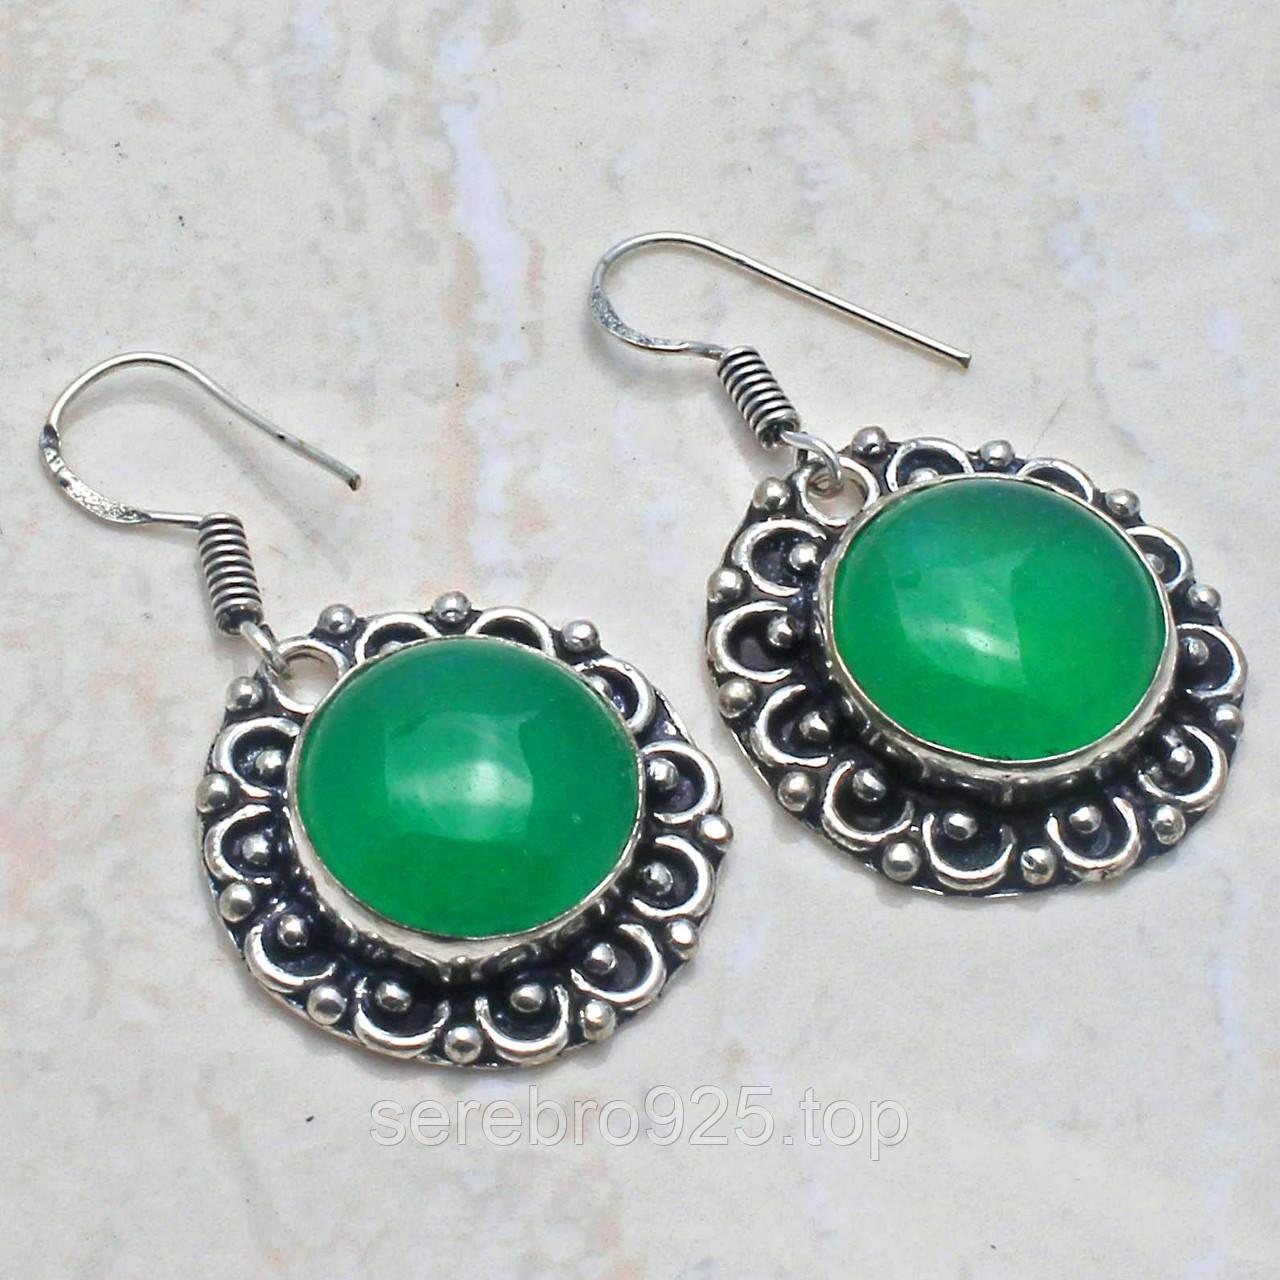 Серьги с натуральным камнем зелёный оникс в серебре